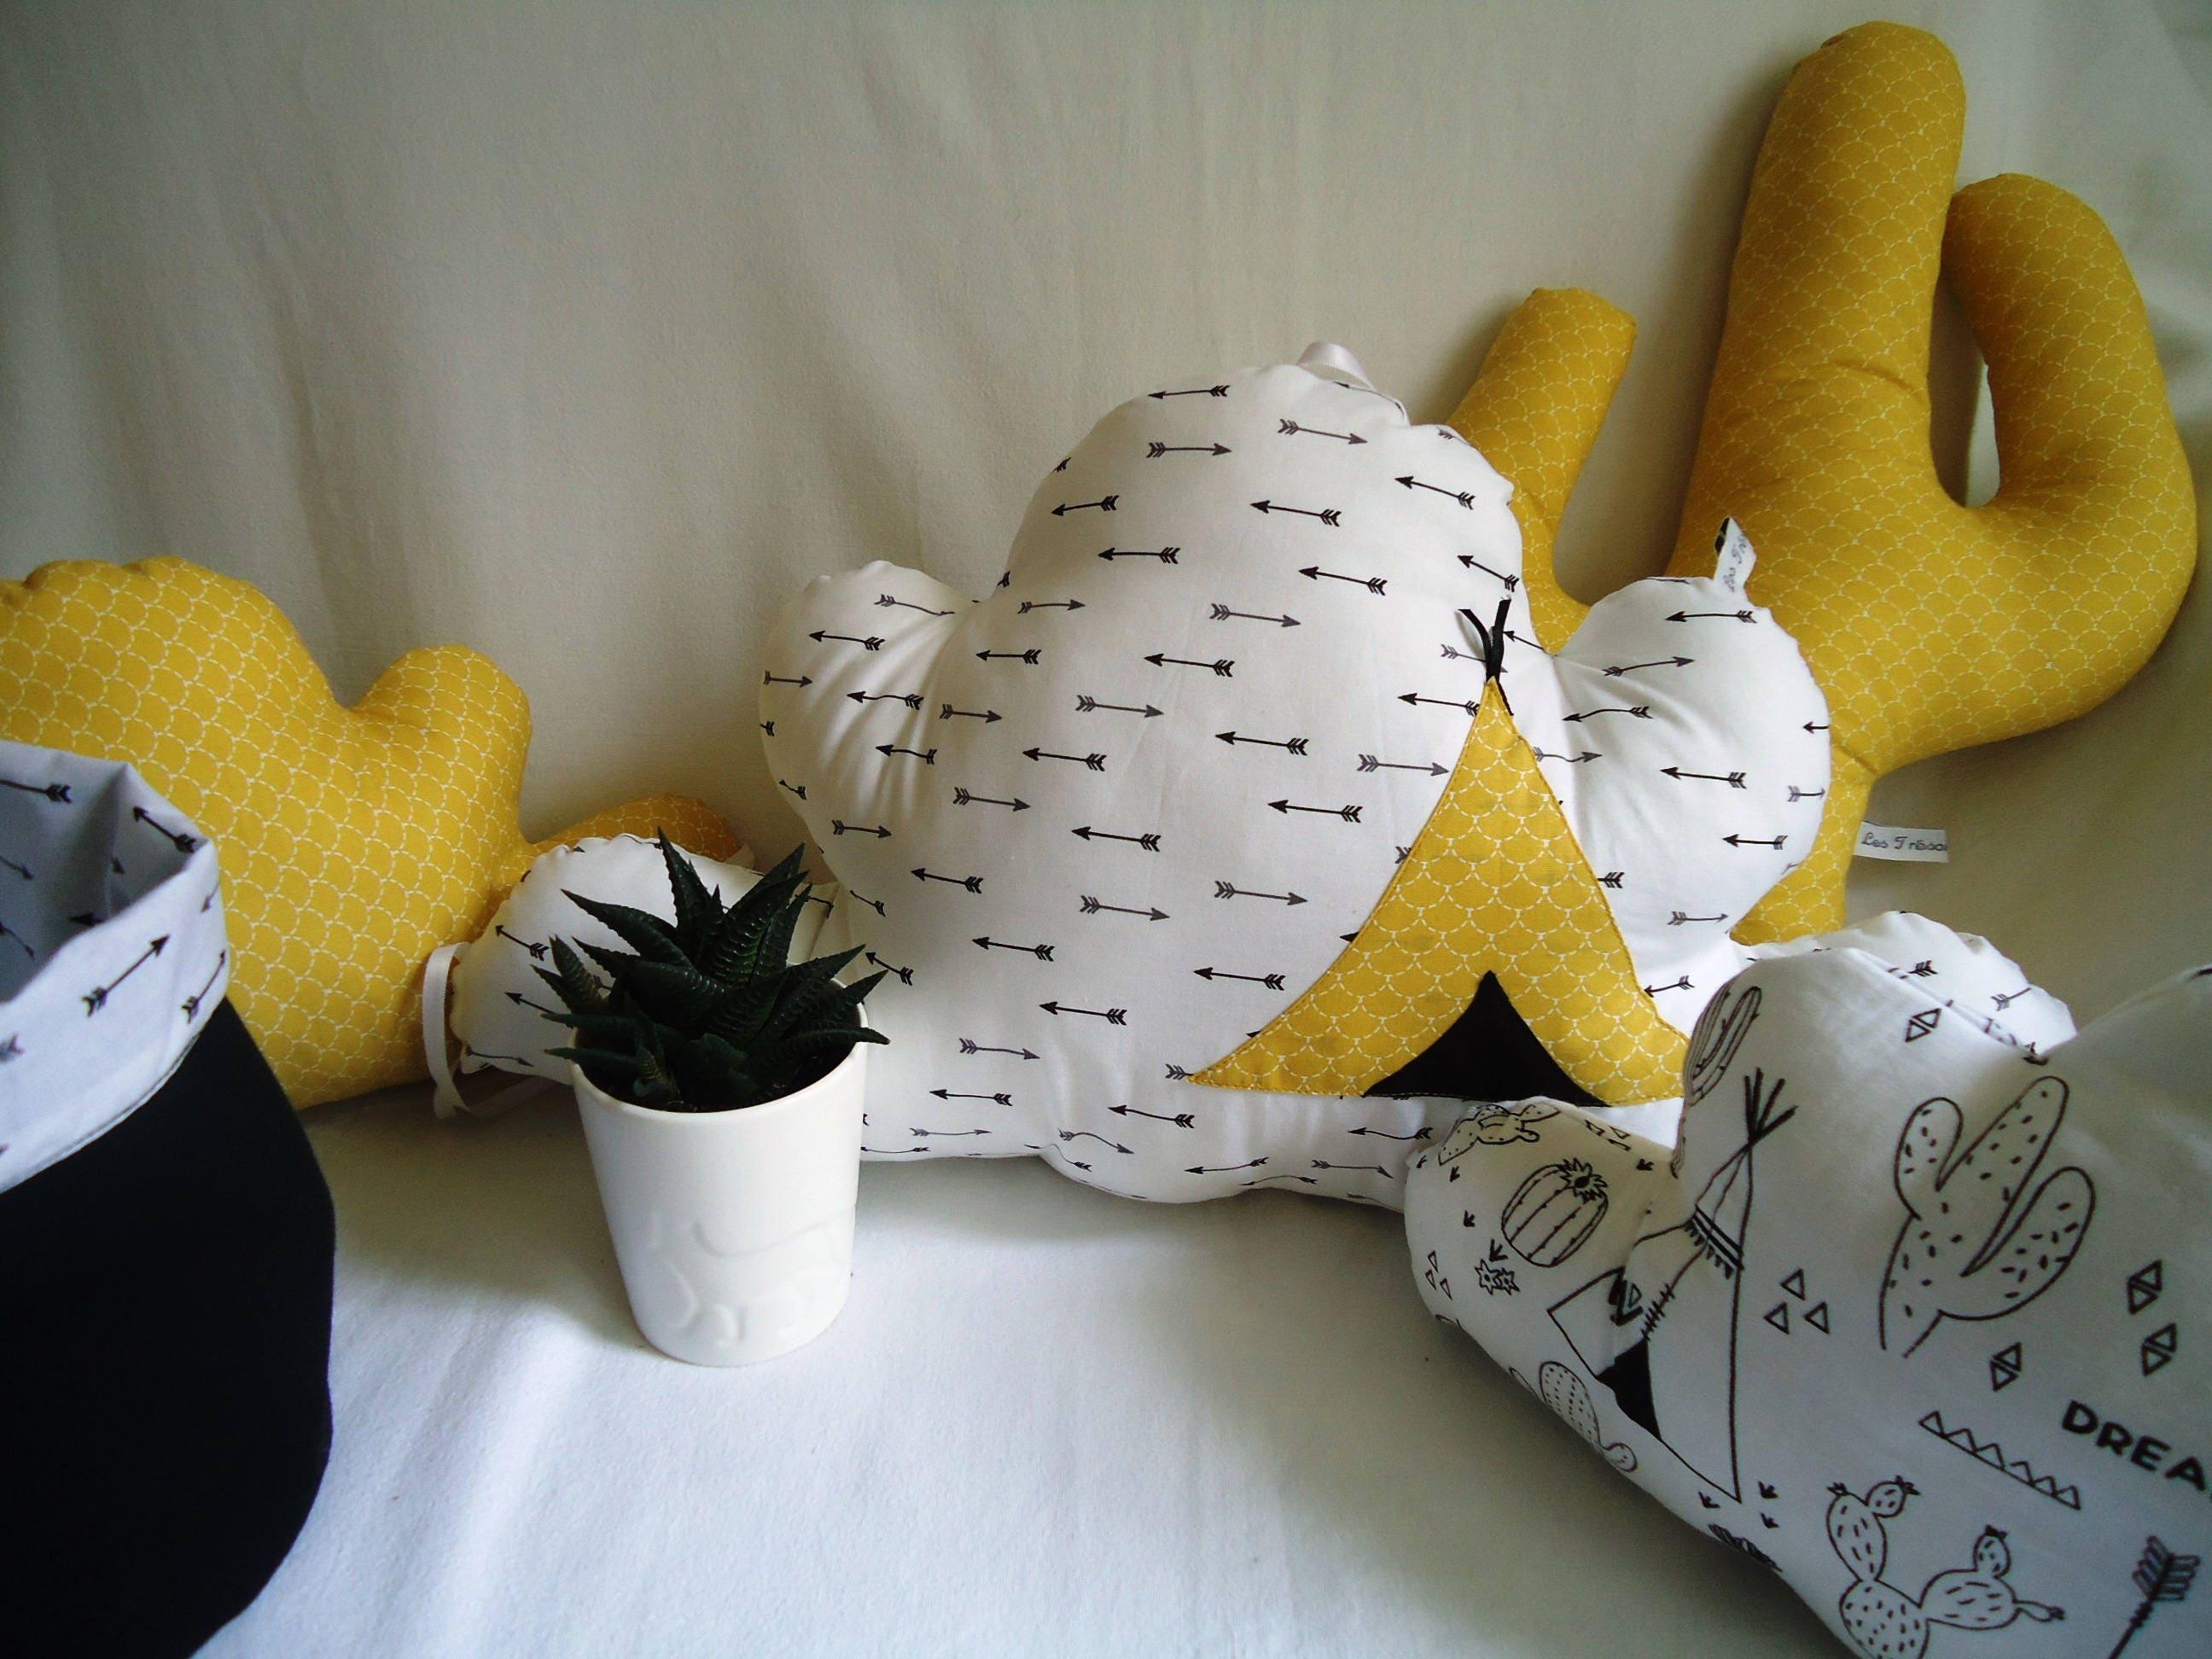 tour de lit nuages fait main th me tipis cactus. Black Bedroom Furniture Sets. Home Design Ideas